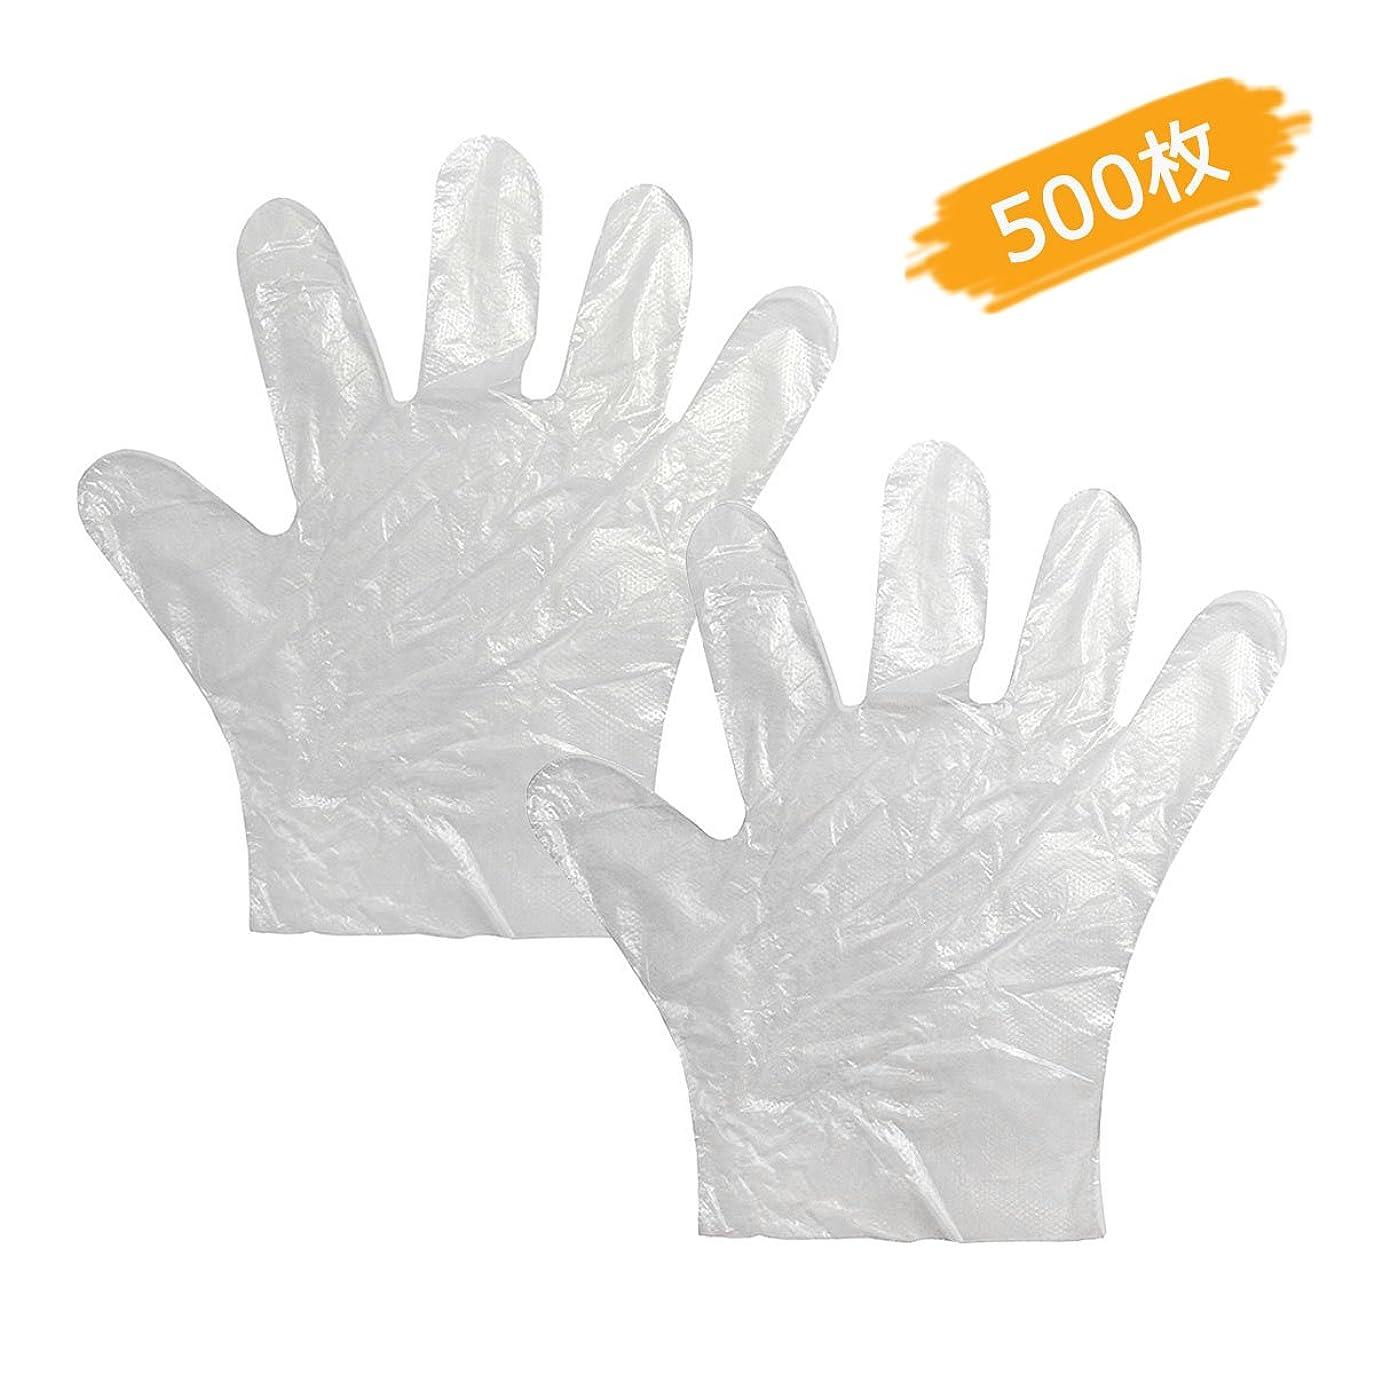 異常事故取る使い捨て手袋 極薄ビニール手袋 調理 透明 実用 衛生 500枚入